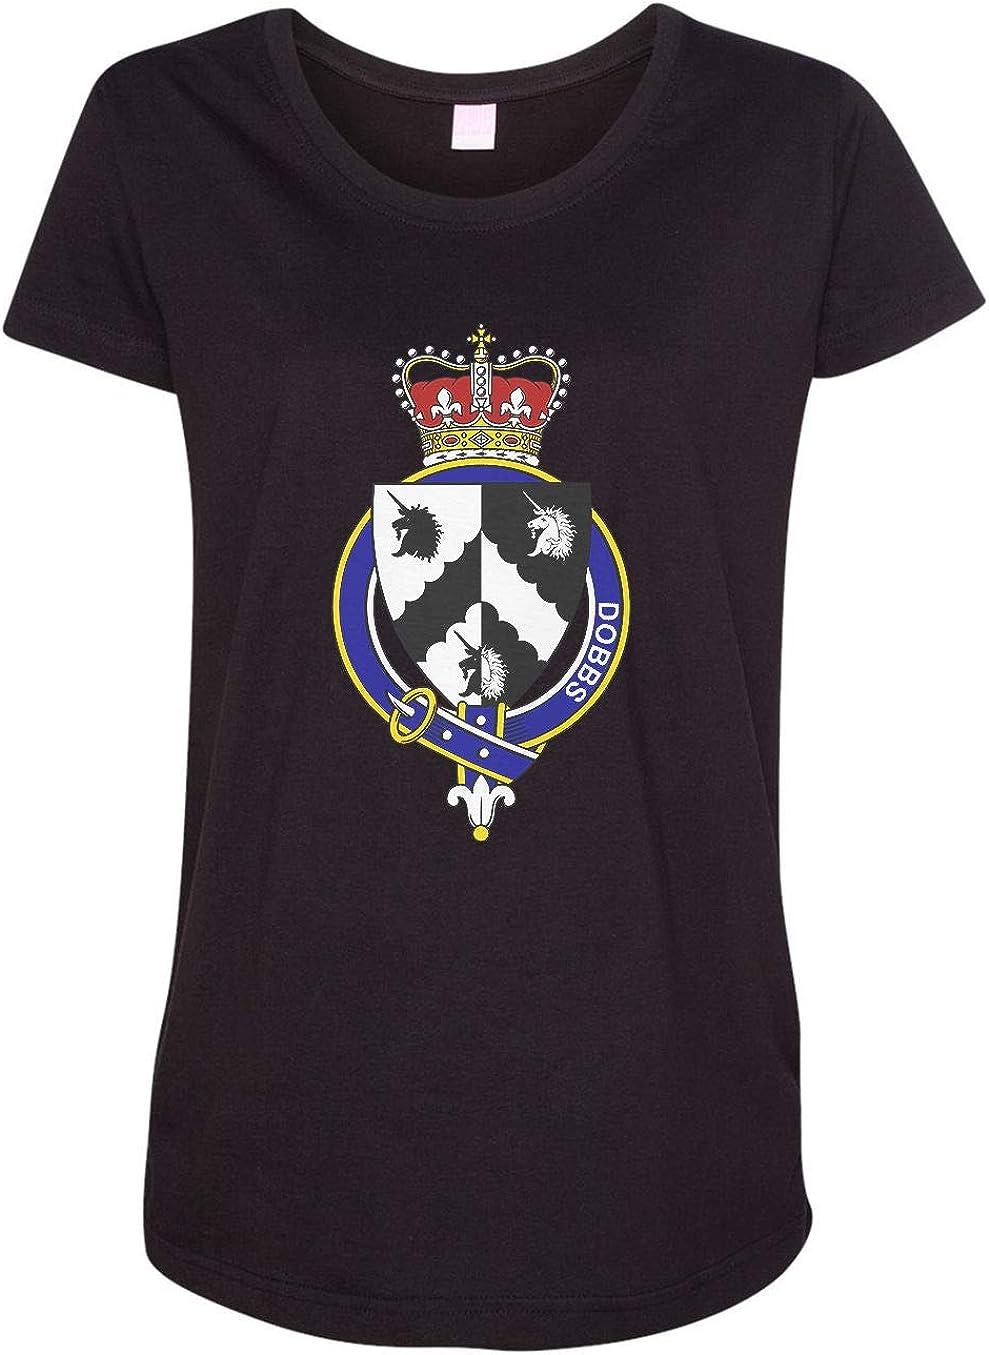 HARD EDGE DESIGN Women's Garter Family Dobbs T-Shirt